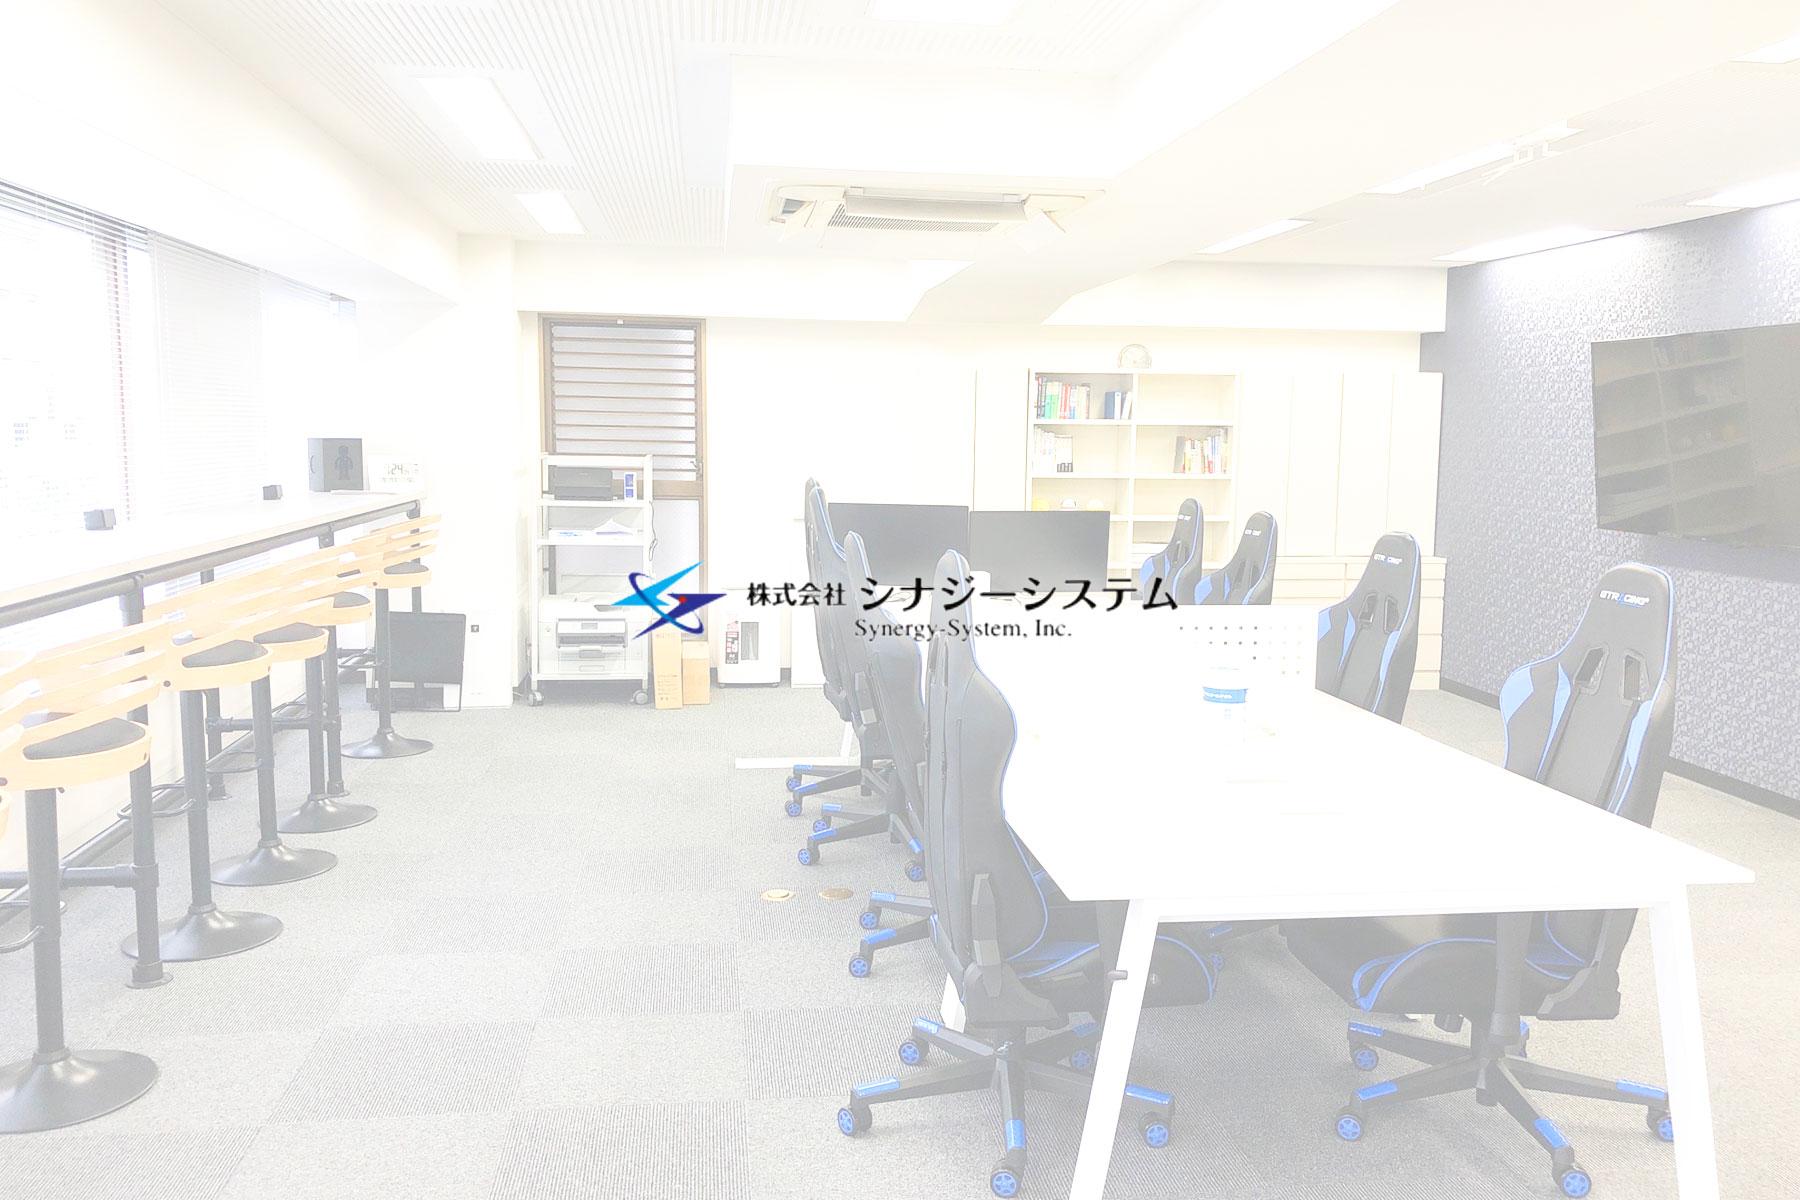 株式会社シナジーシステムのトップ画像